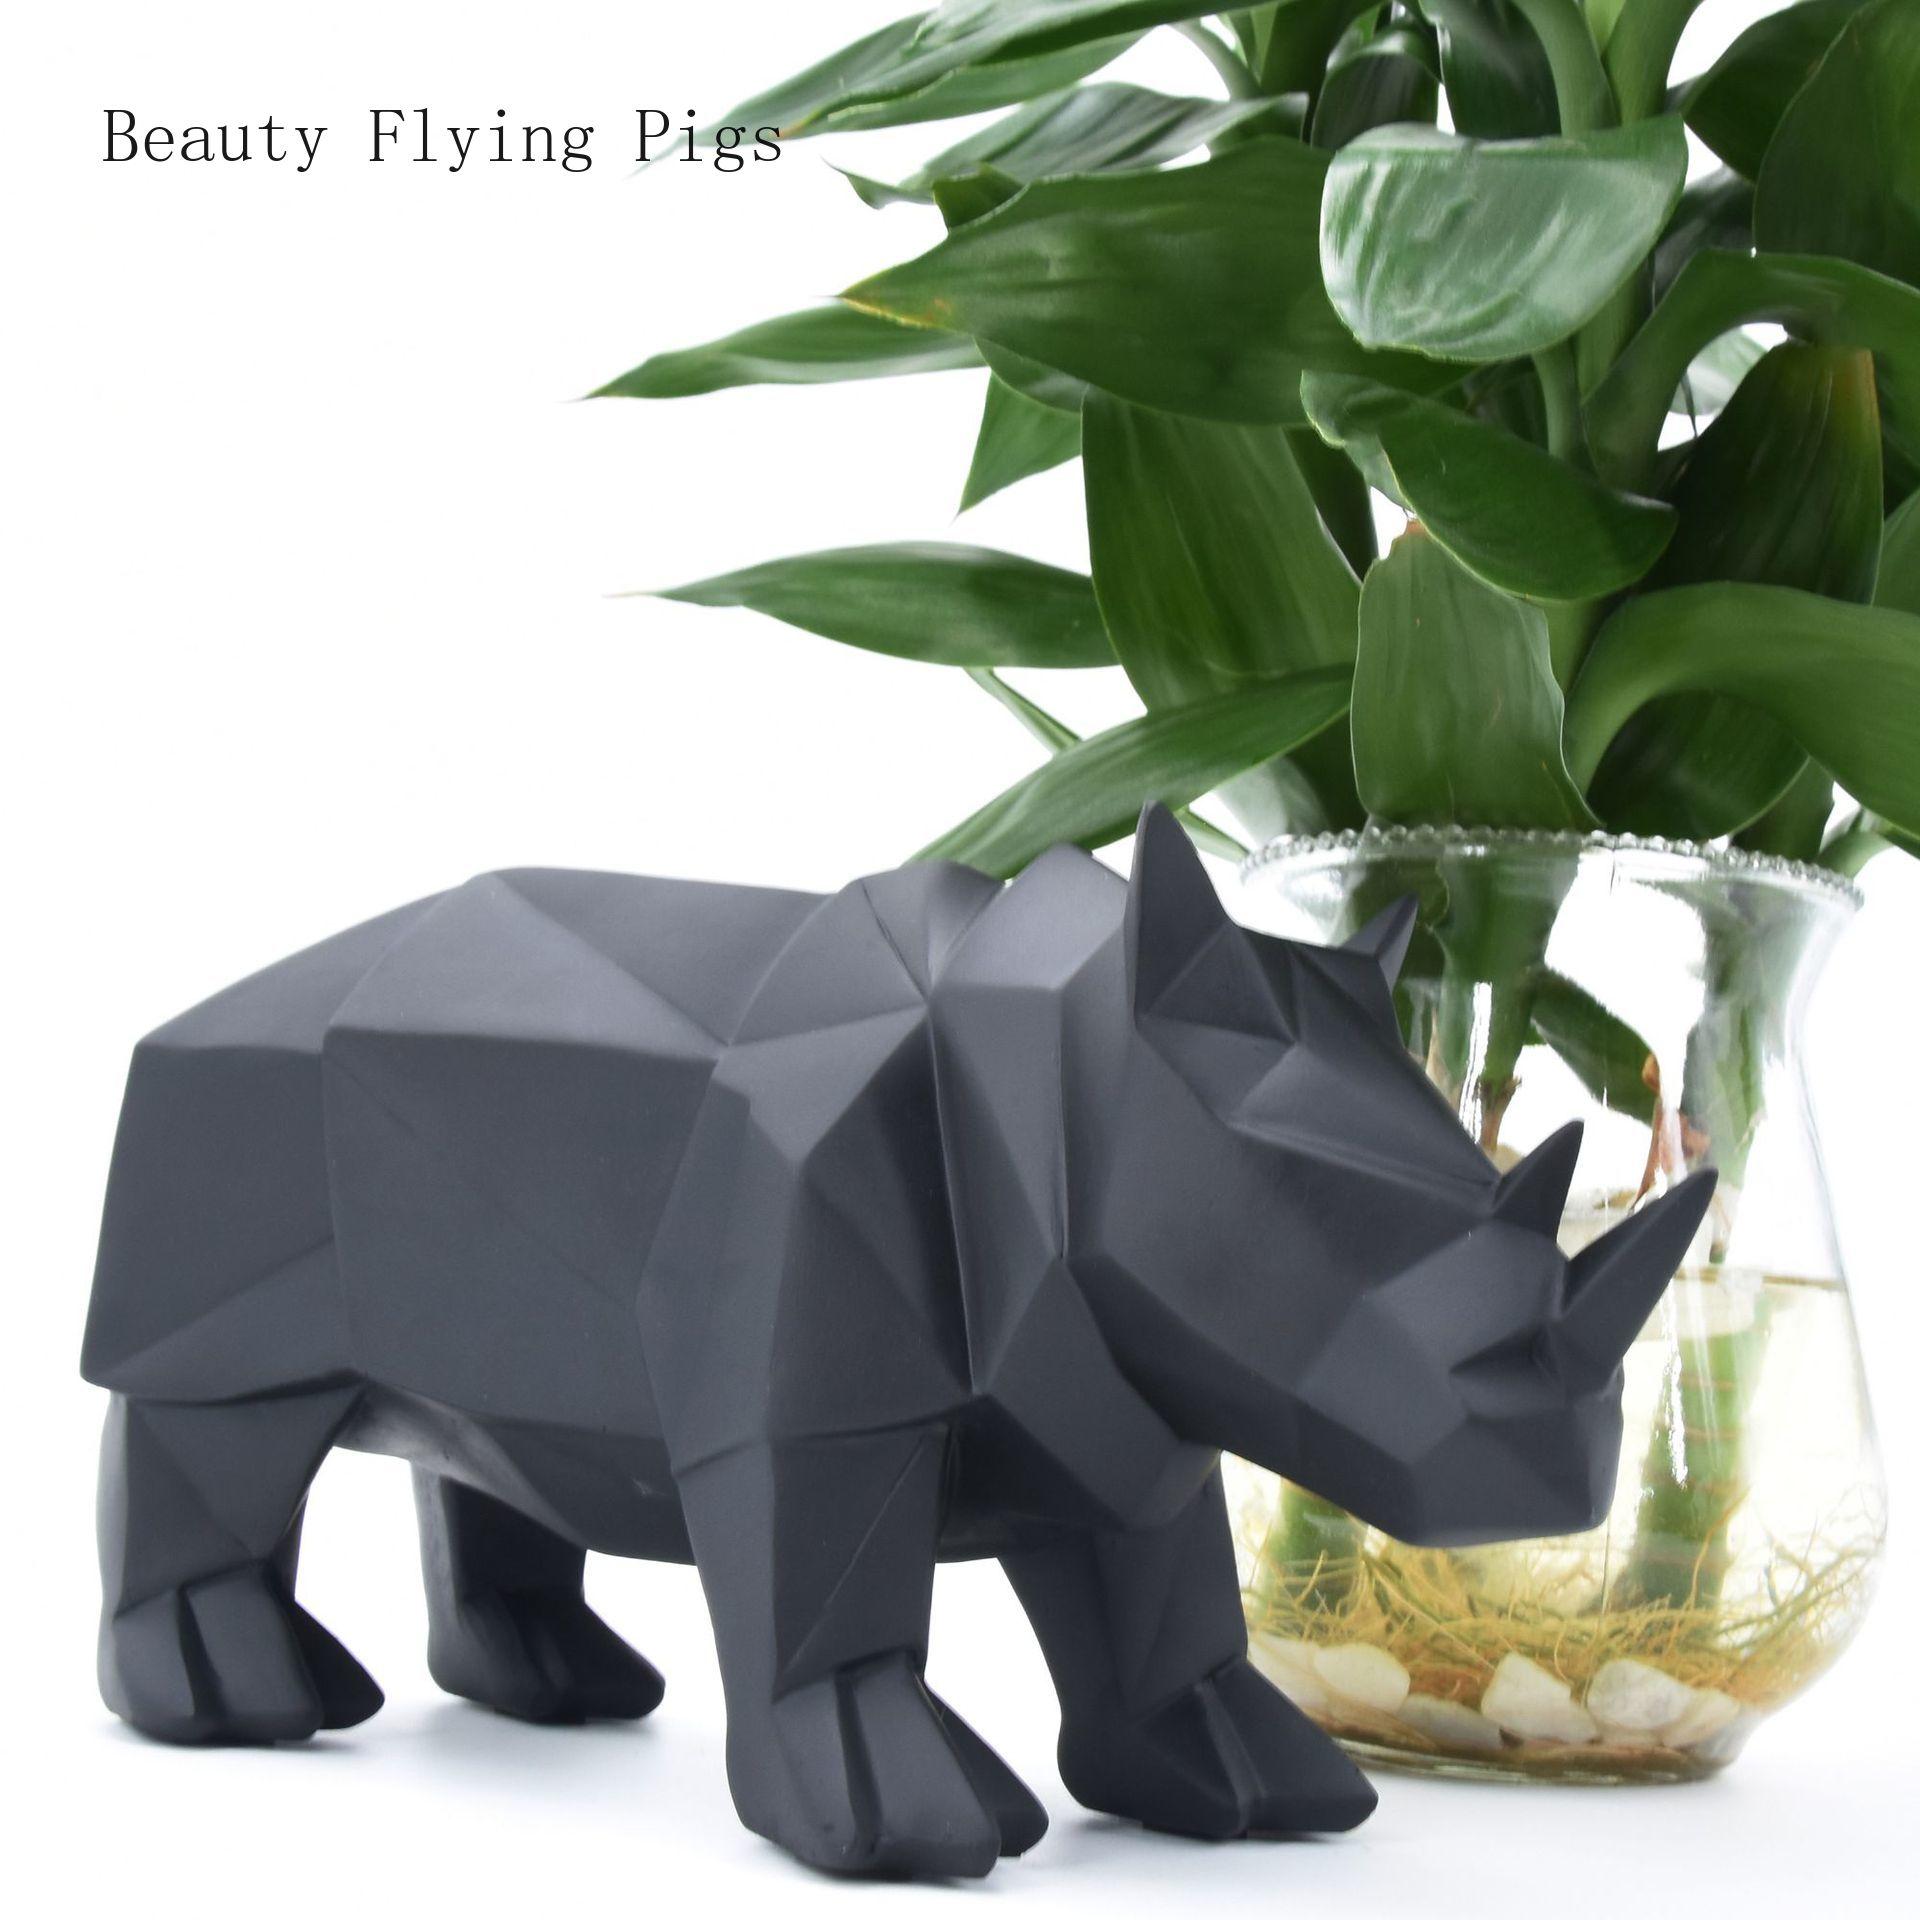 Ventes directes nouveau haut de gamme géométrique art résine ornements maison salon cadeau exquis animaux rhinocéros ornements décoratifs